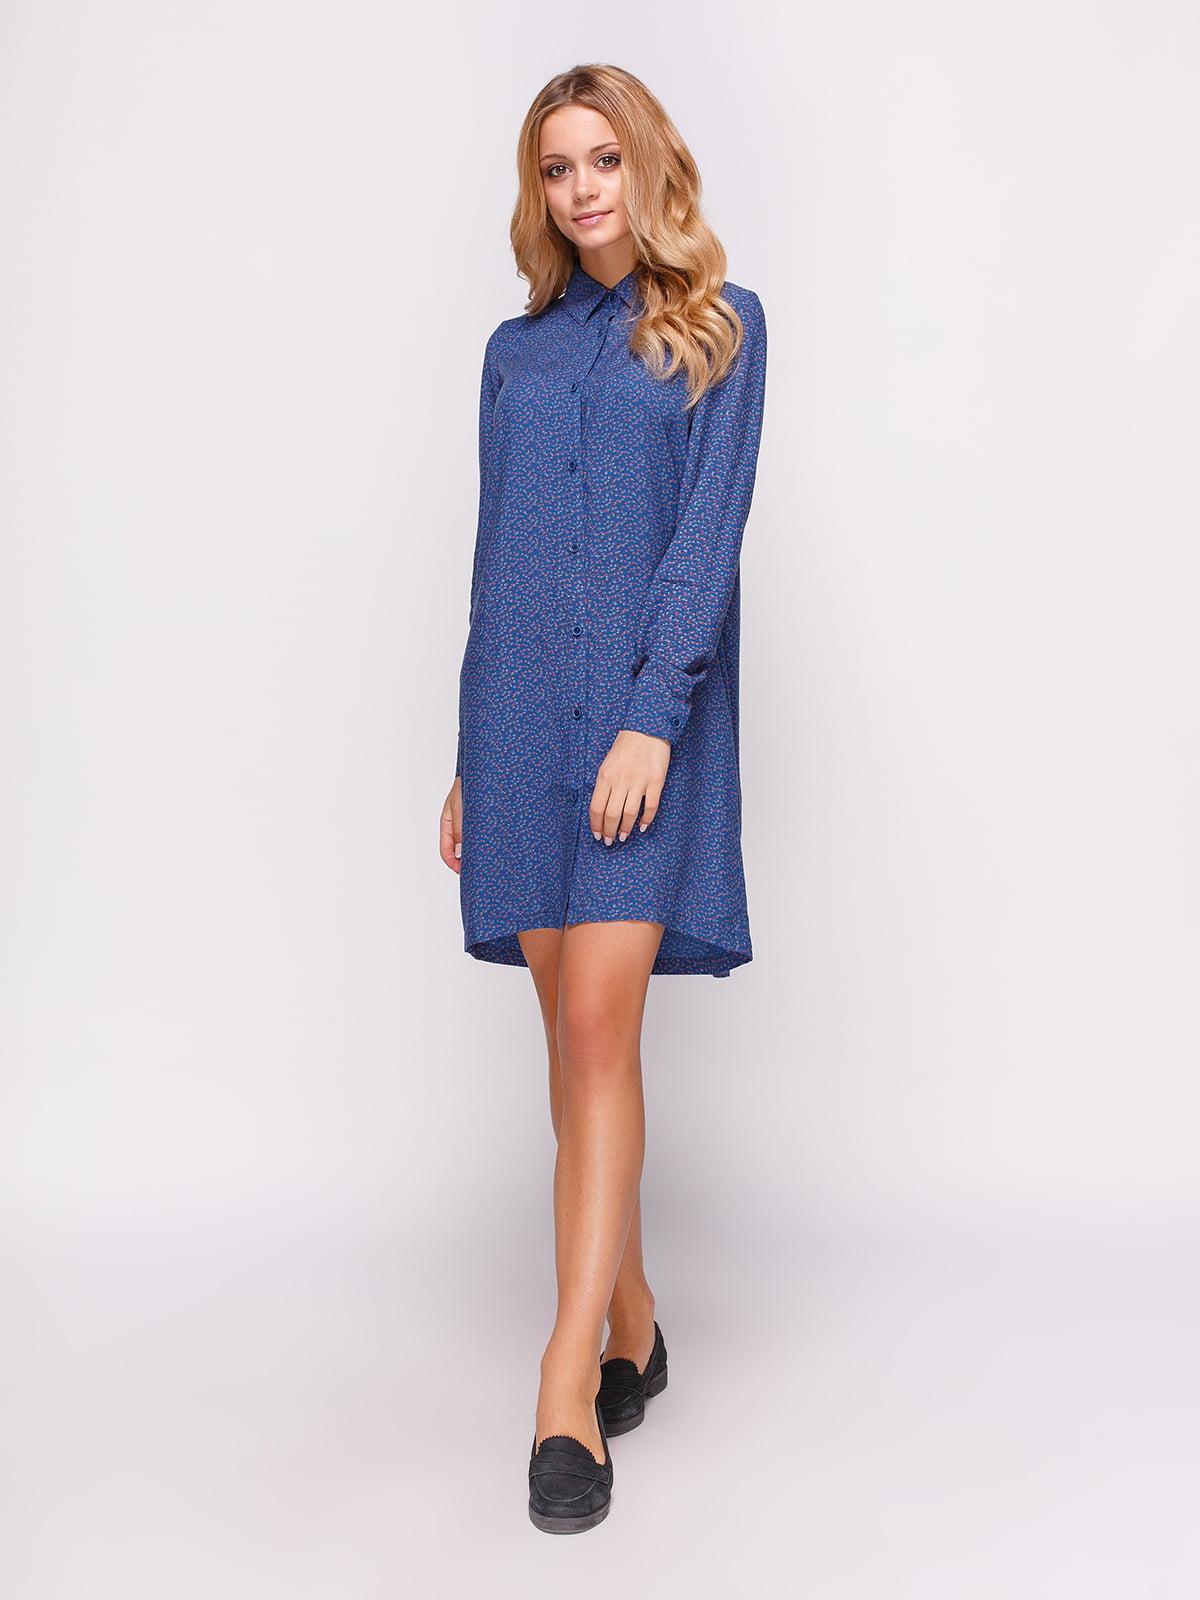 a1e95cfeb9e Платье-рубашка синее в цветы — Karseka